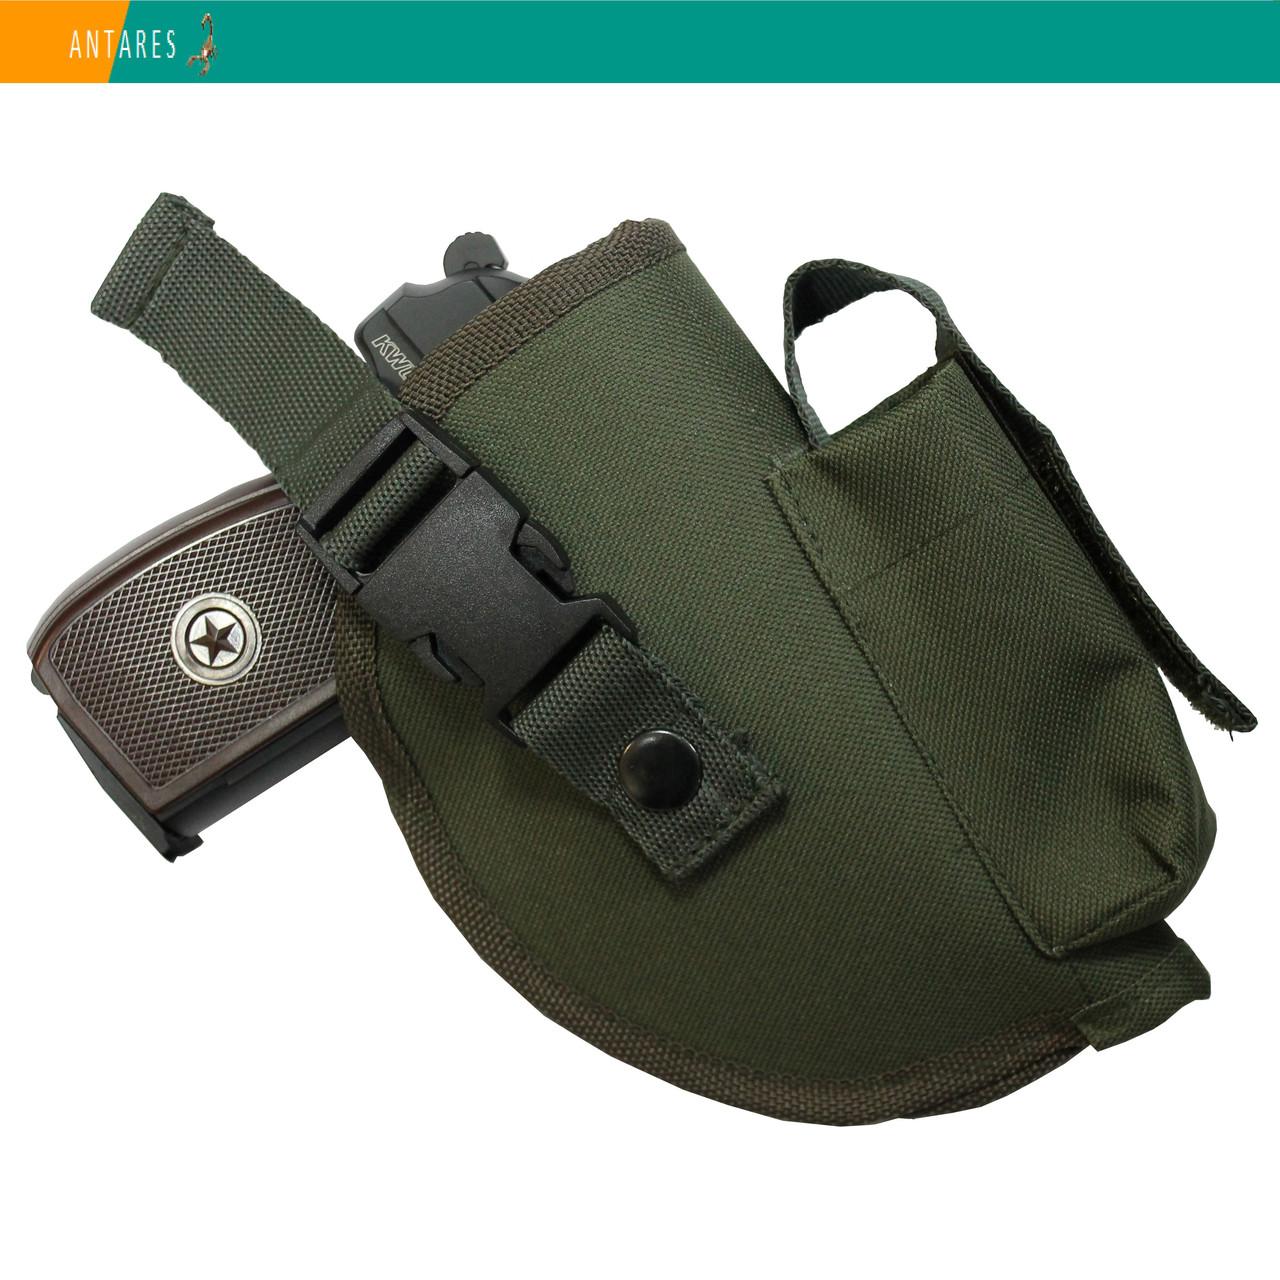 Кобура универсальная поясная хаки с карманом для магазина (013)